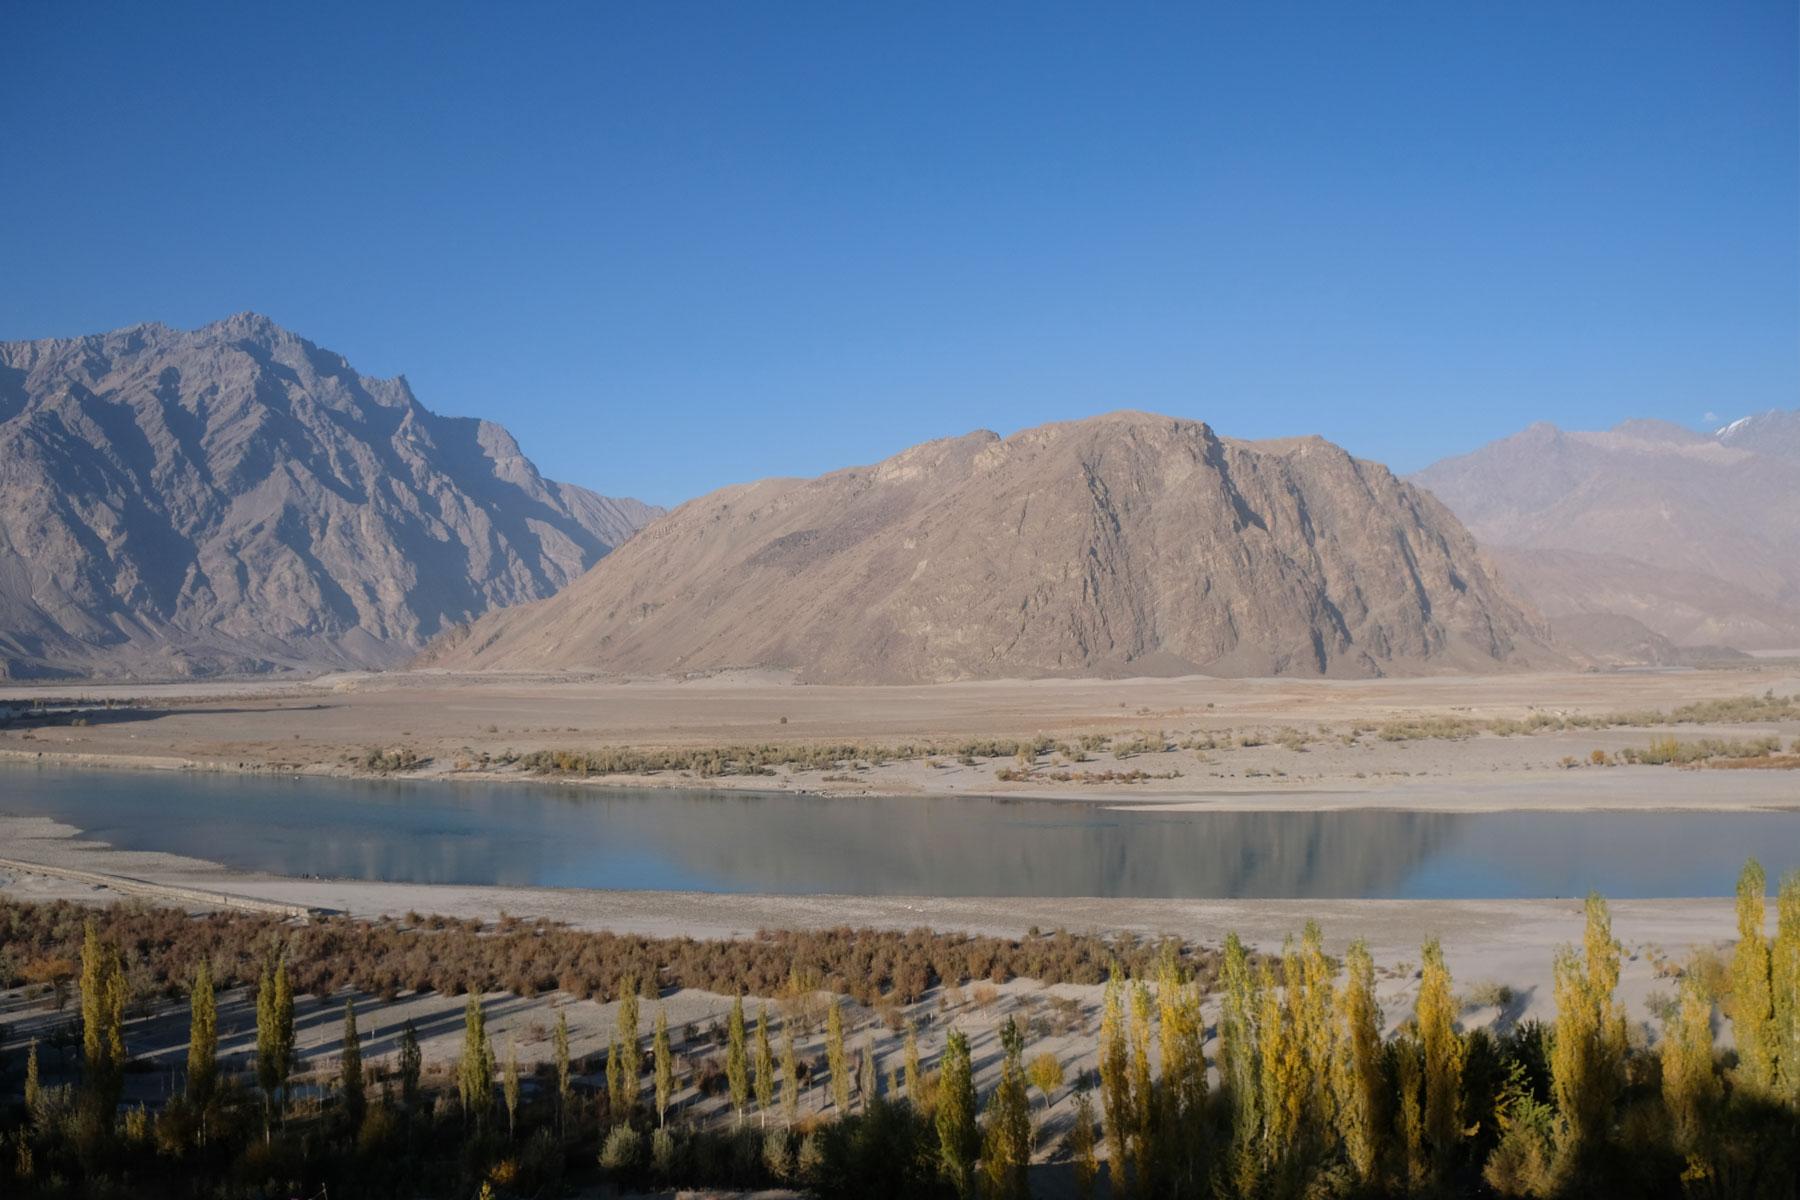 Indus inmitten einer Berglandschaft bei Skardu.